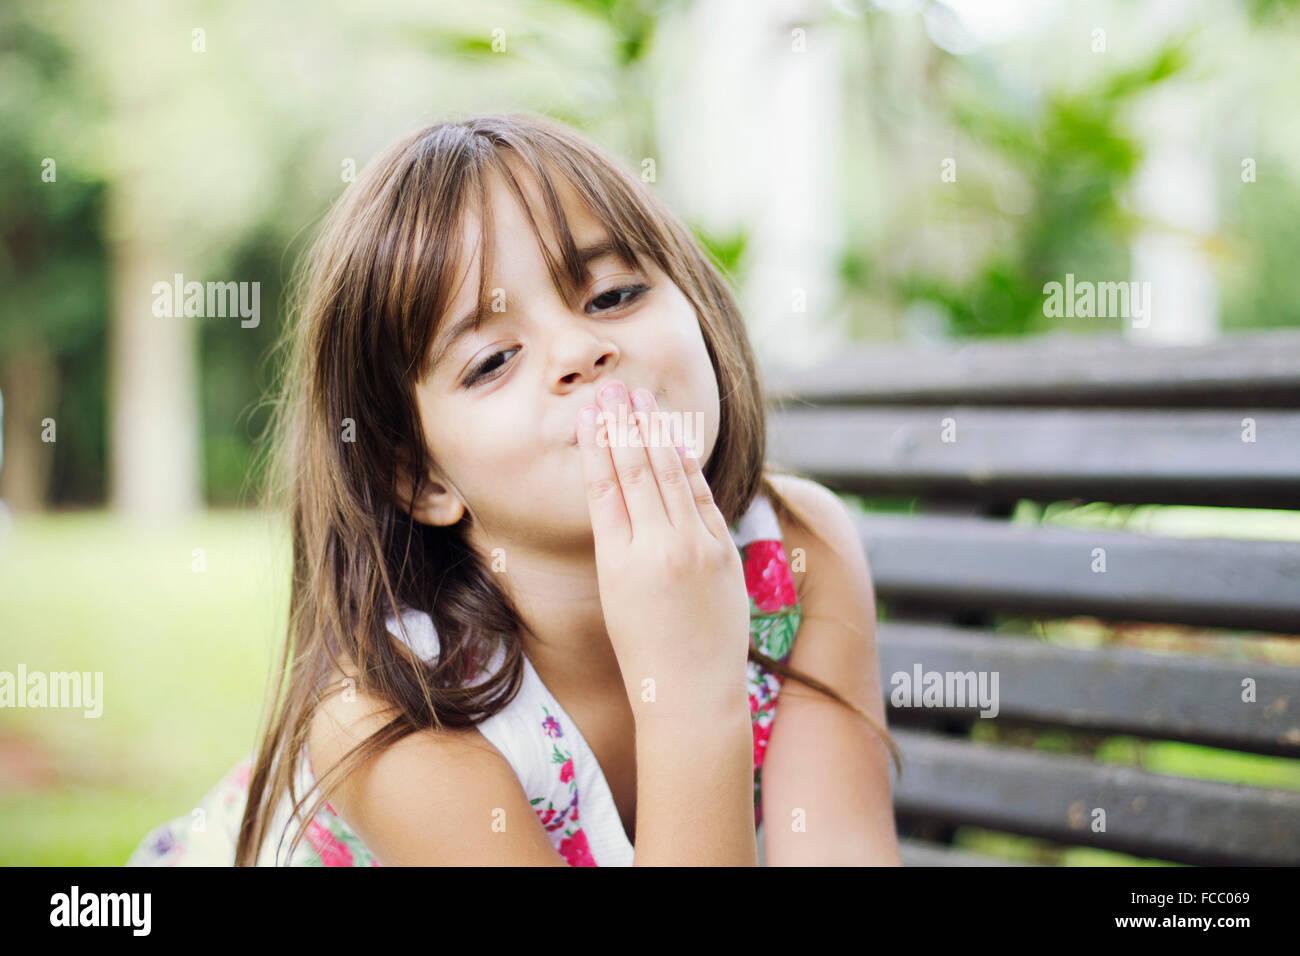 Retrato de linda niña soplando un beso Imagen De Stock